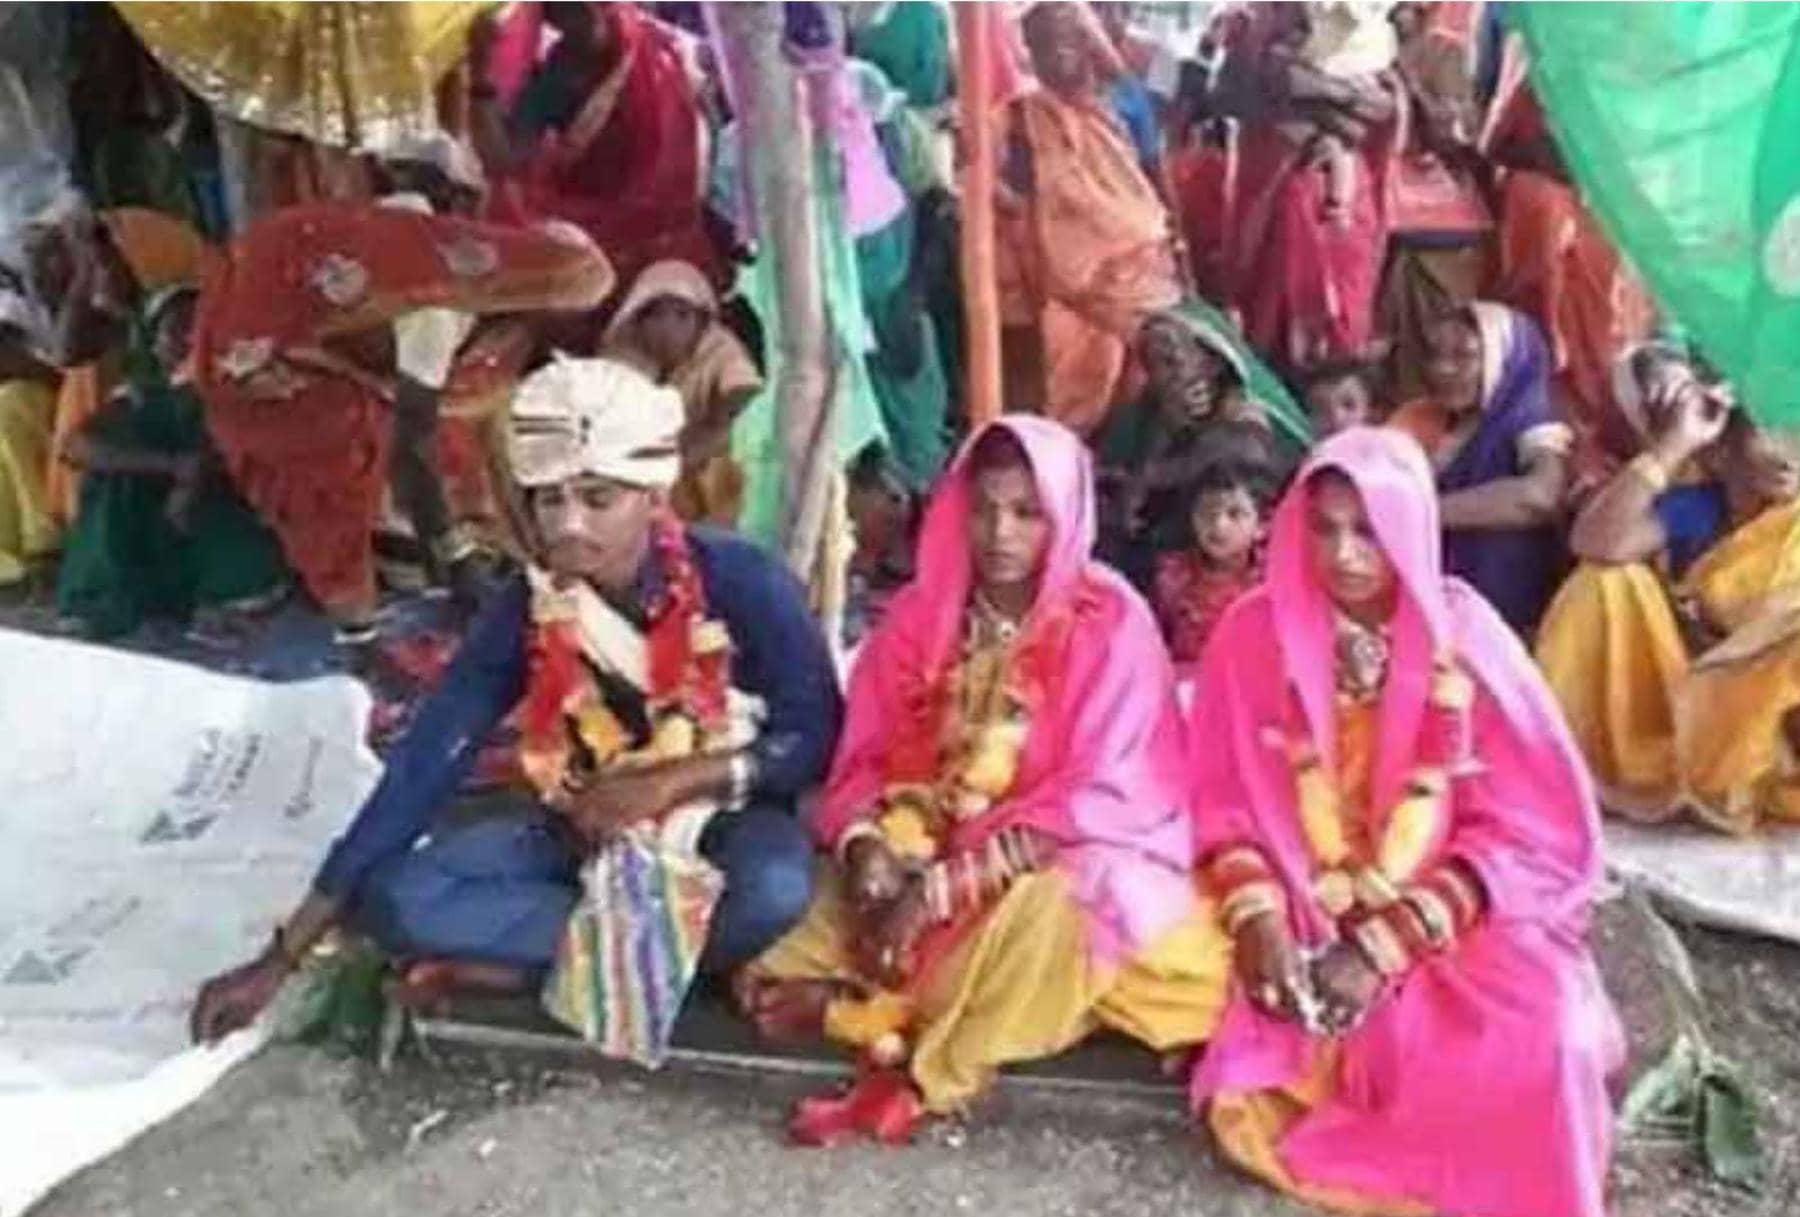 ஒரே நேரத்தில் 2 பெண்களைத் திருமணம் செய்துக்கொண்ட இளைஞர் கைது